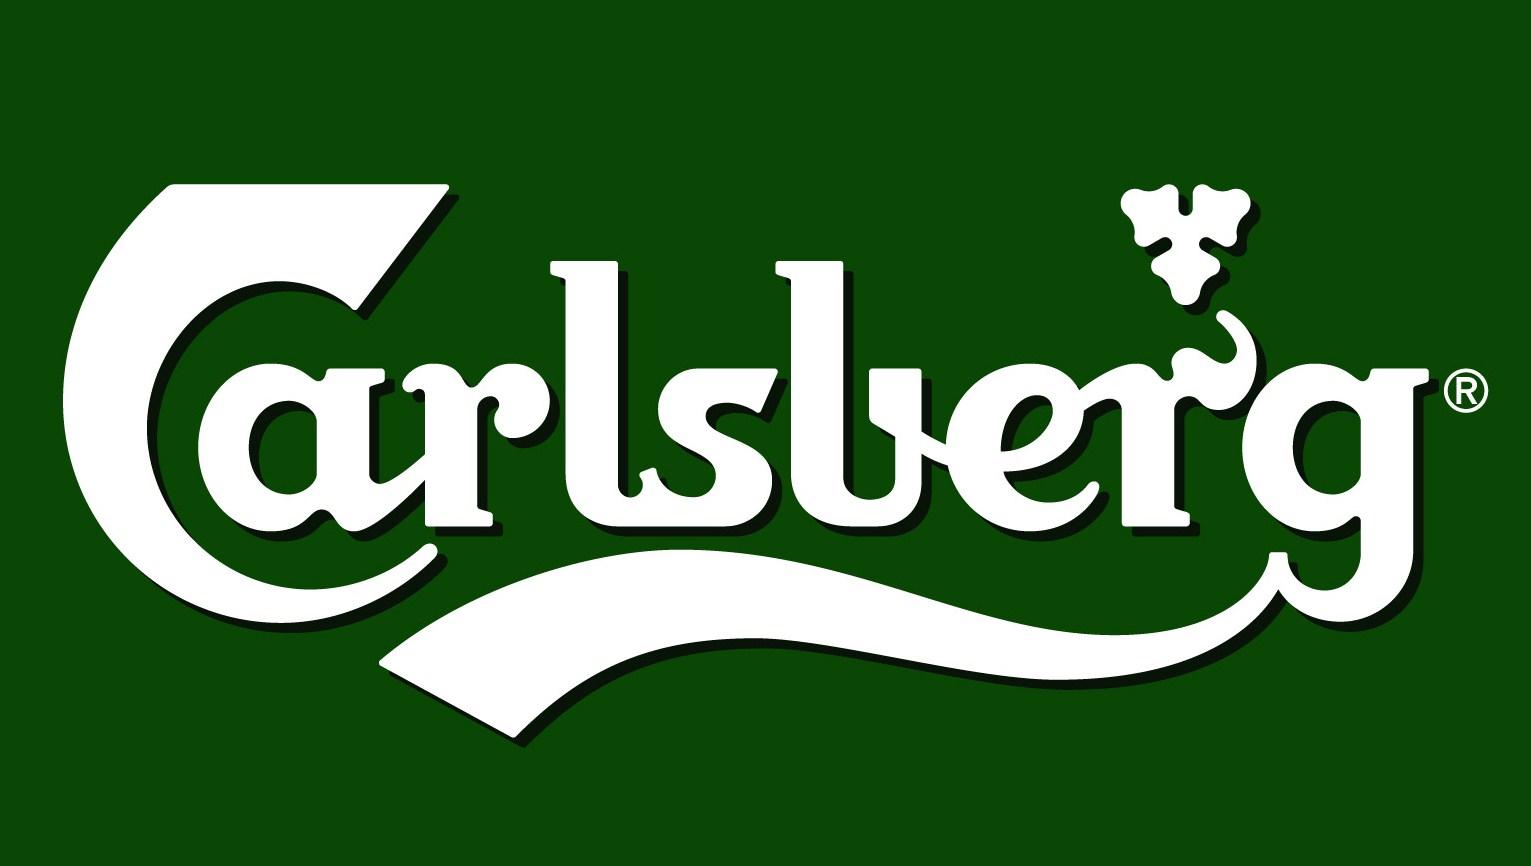 3.bp.blogspot.com/_jUAaH9qqHrE/TUf0d7xug-I/AAAAAAAABEo/KqfsHntORUg/s1600/Carlsberg+logo.jpg